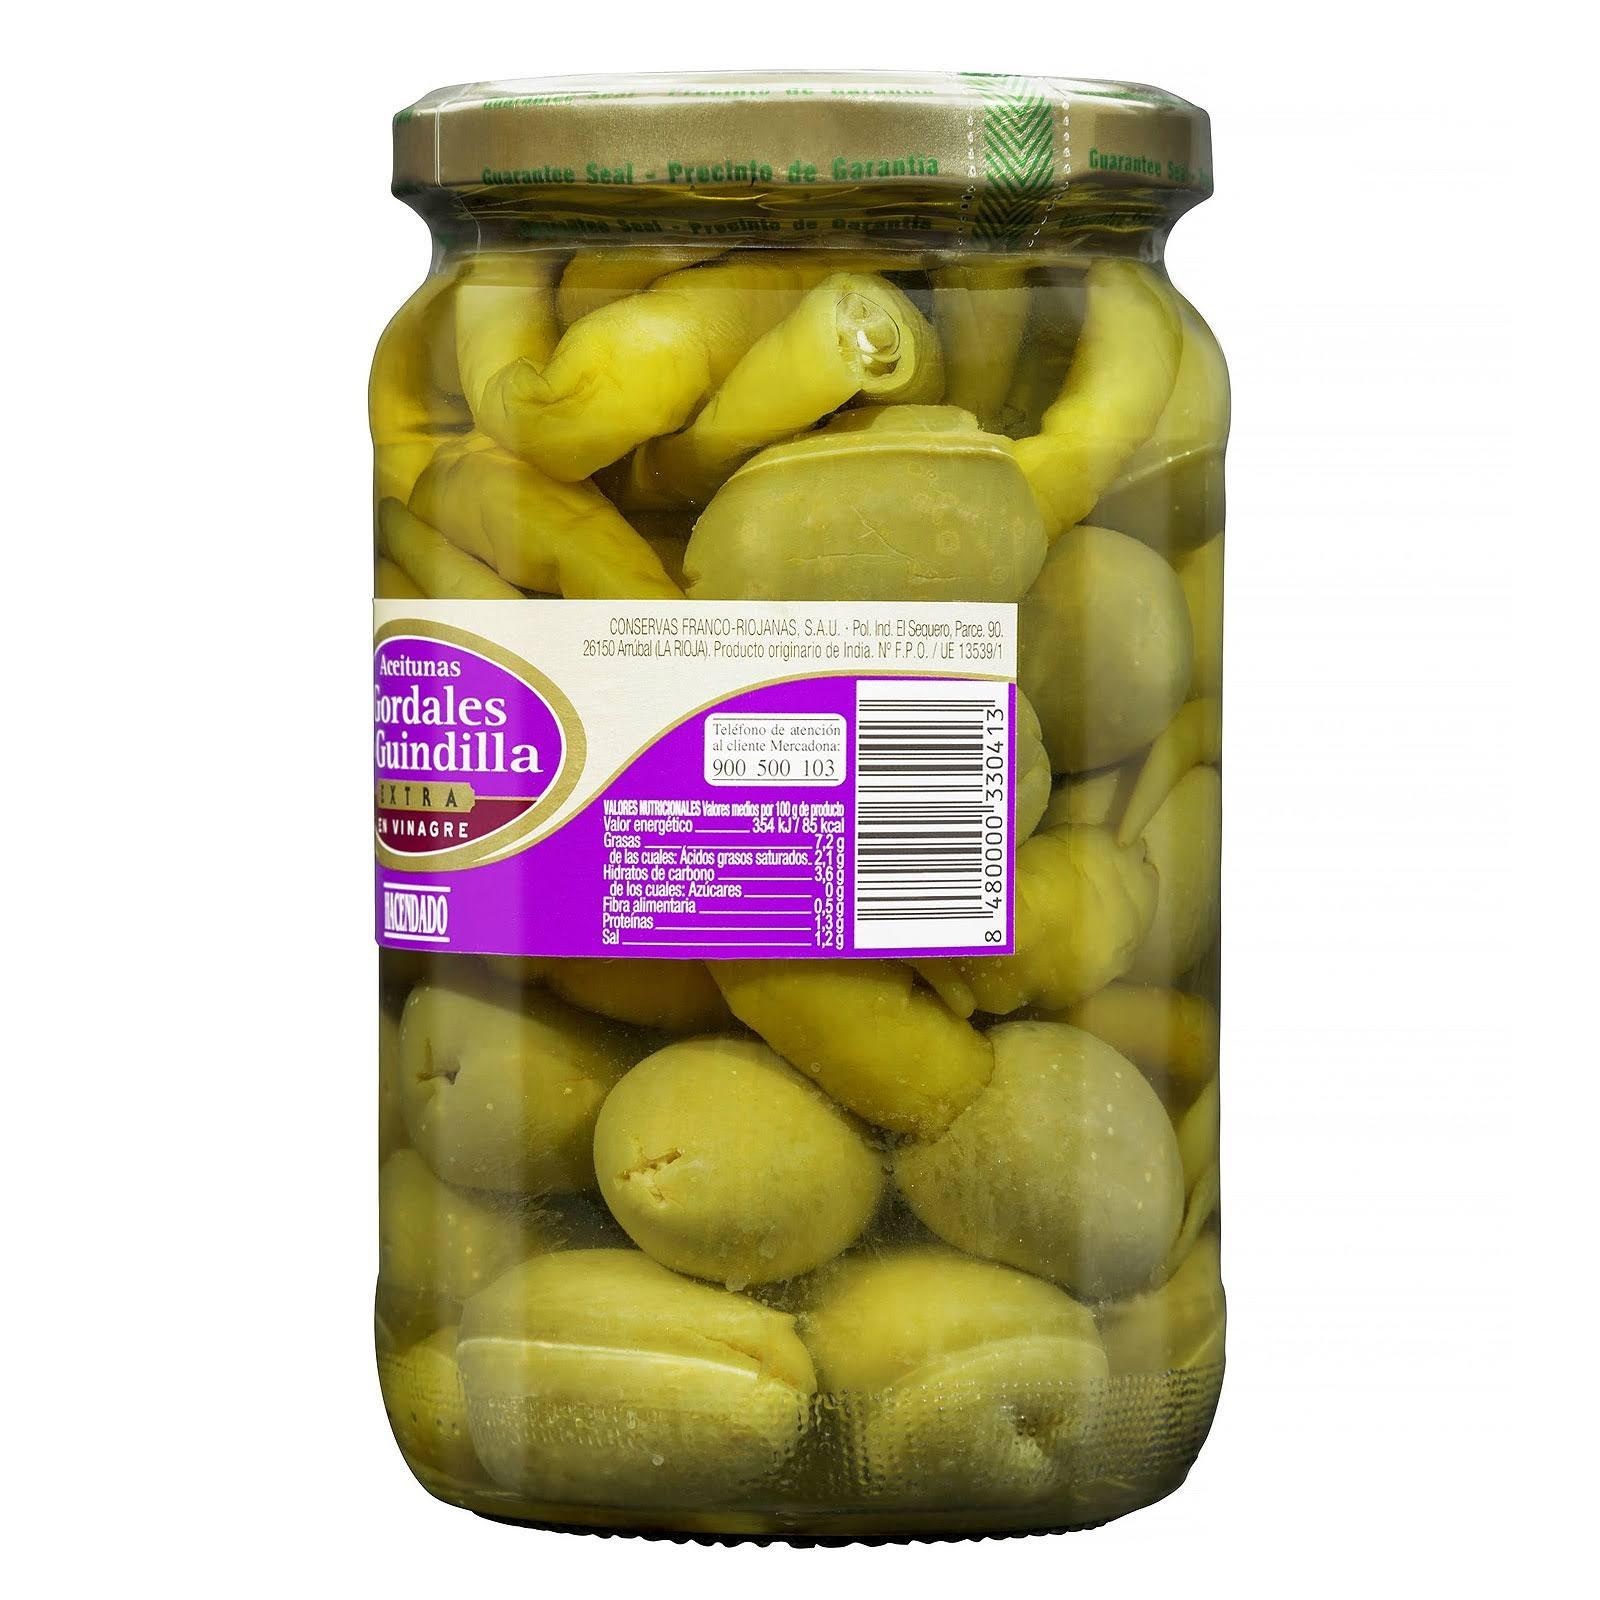 Aceitunas gordales con guindilla extra en vinagre Hacendado